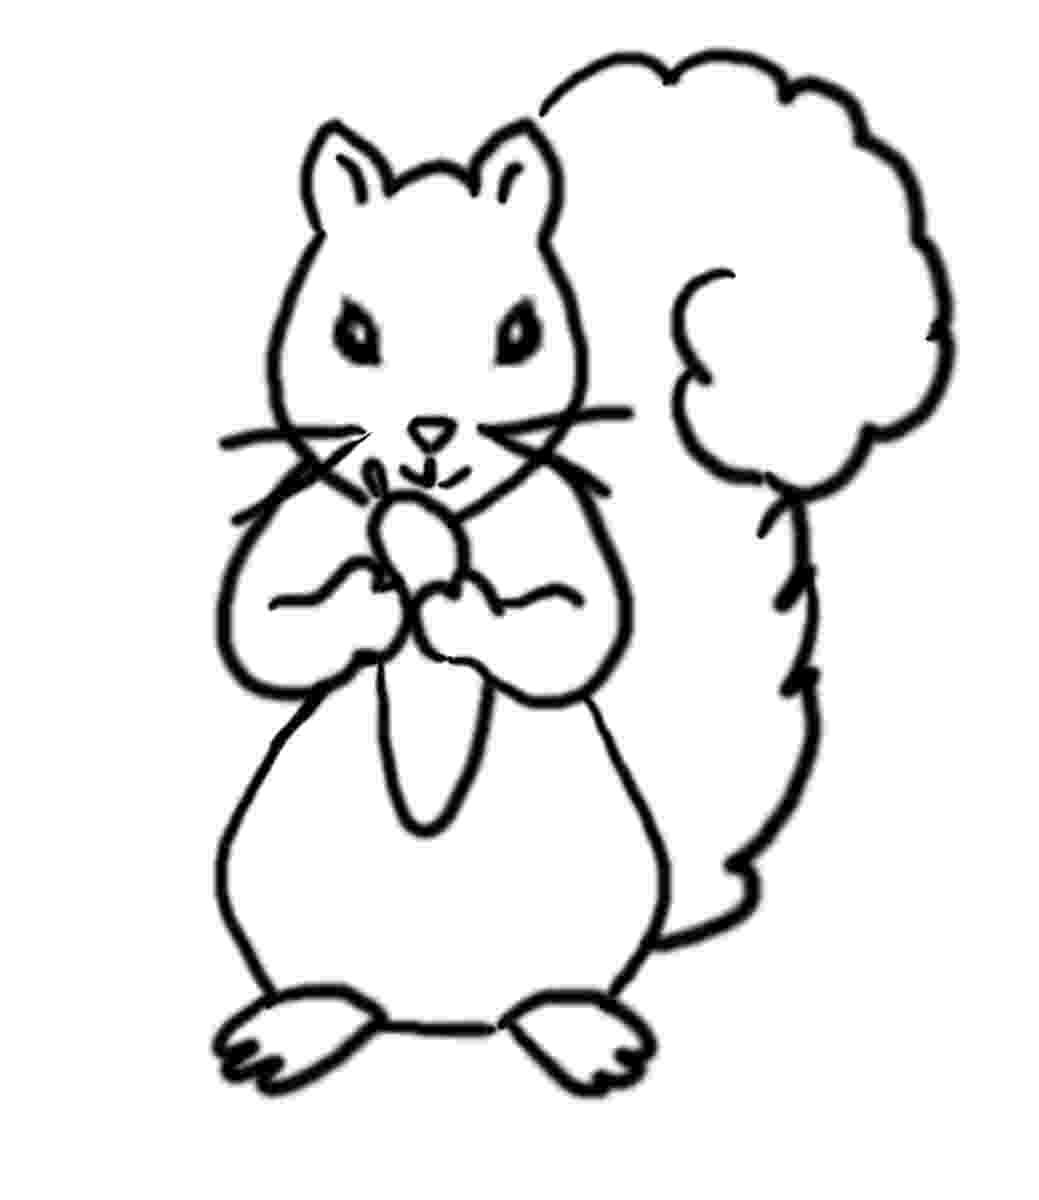 squirrel coloring page free squirrel coloring pages page coloring squirrel